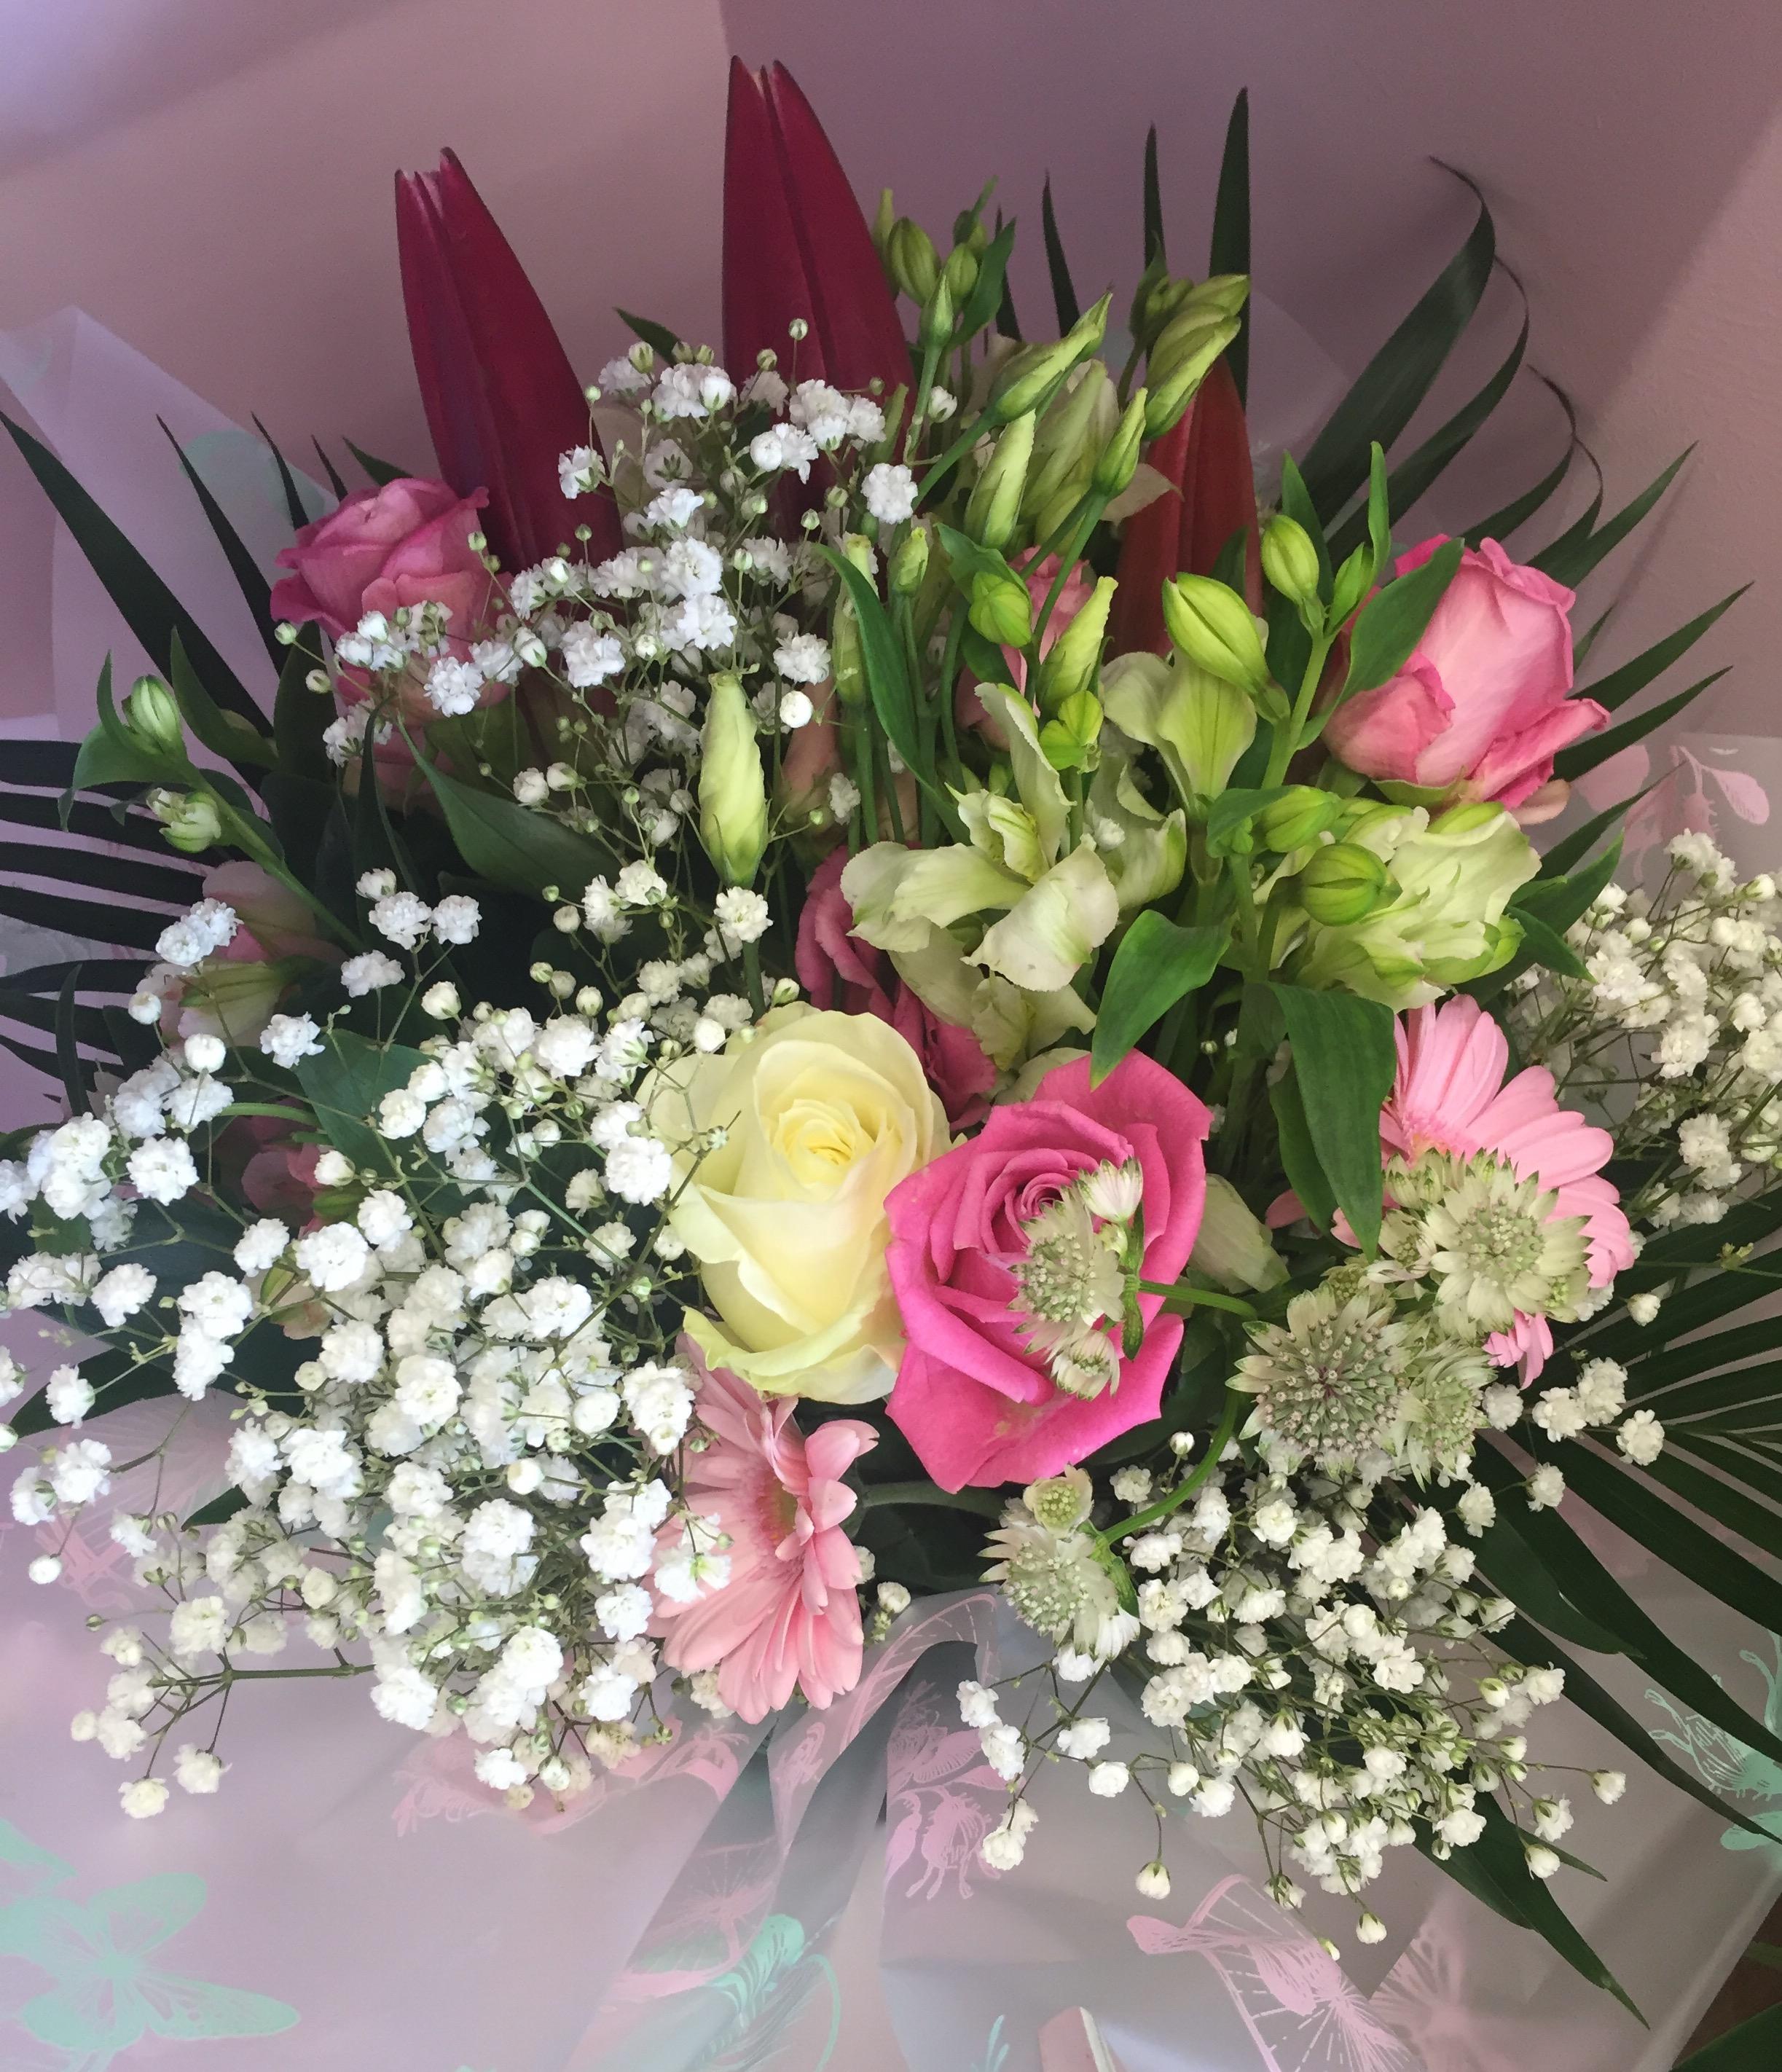 Pretty pink bouquet in water eileens pretty pink bouquet in water mightylinksfo